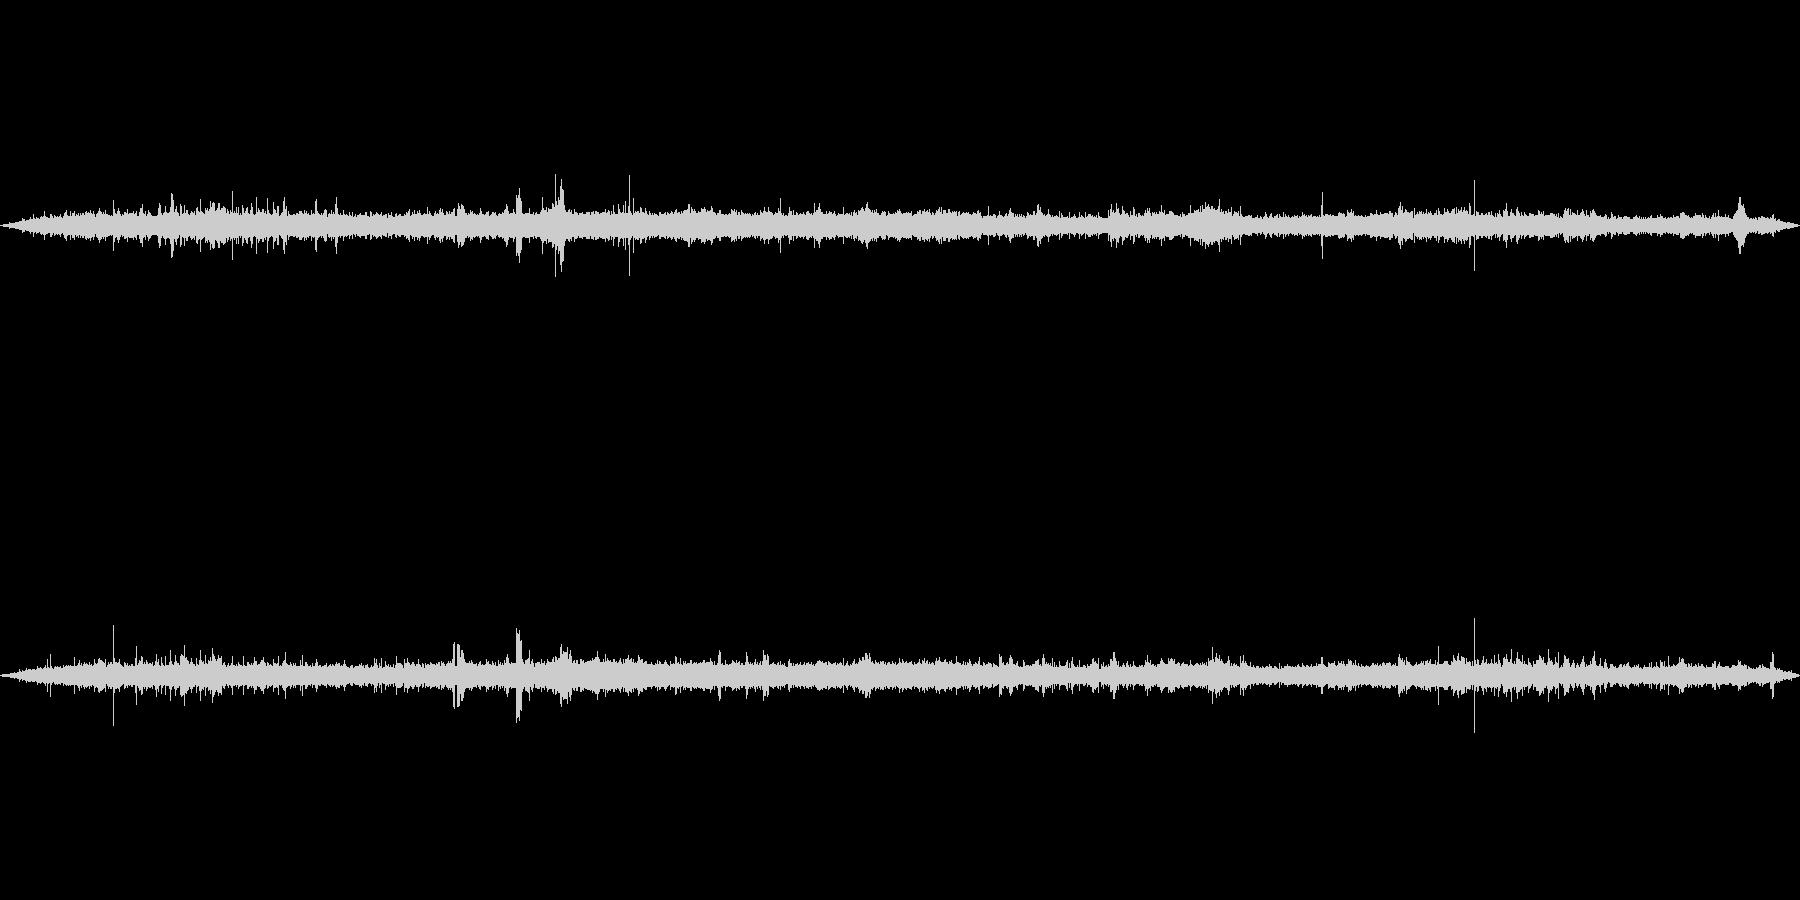 環境音-雑踏(バイノーラル録音)の未再生の波形